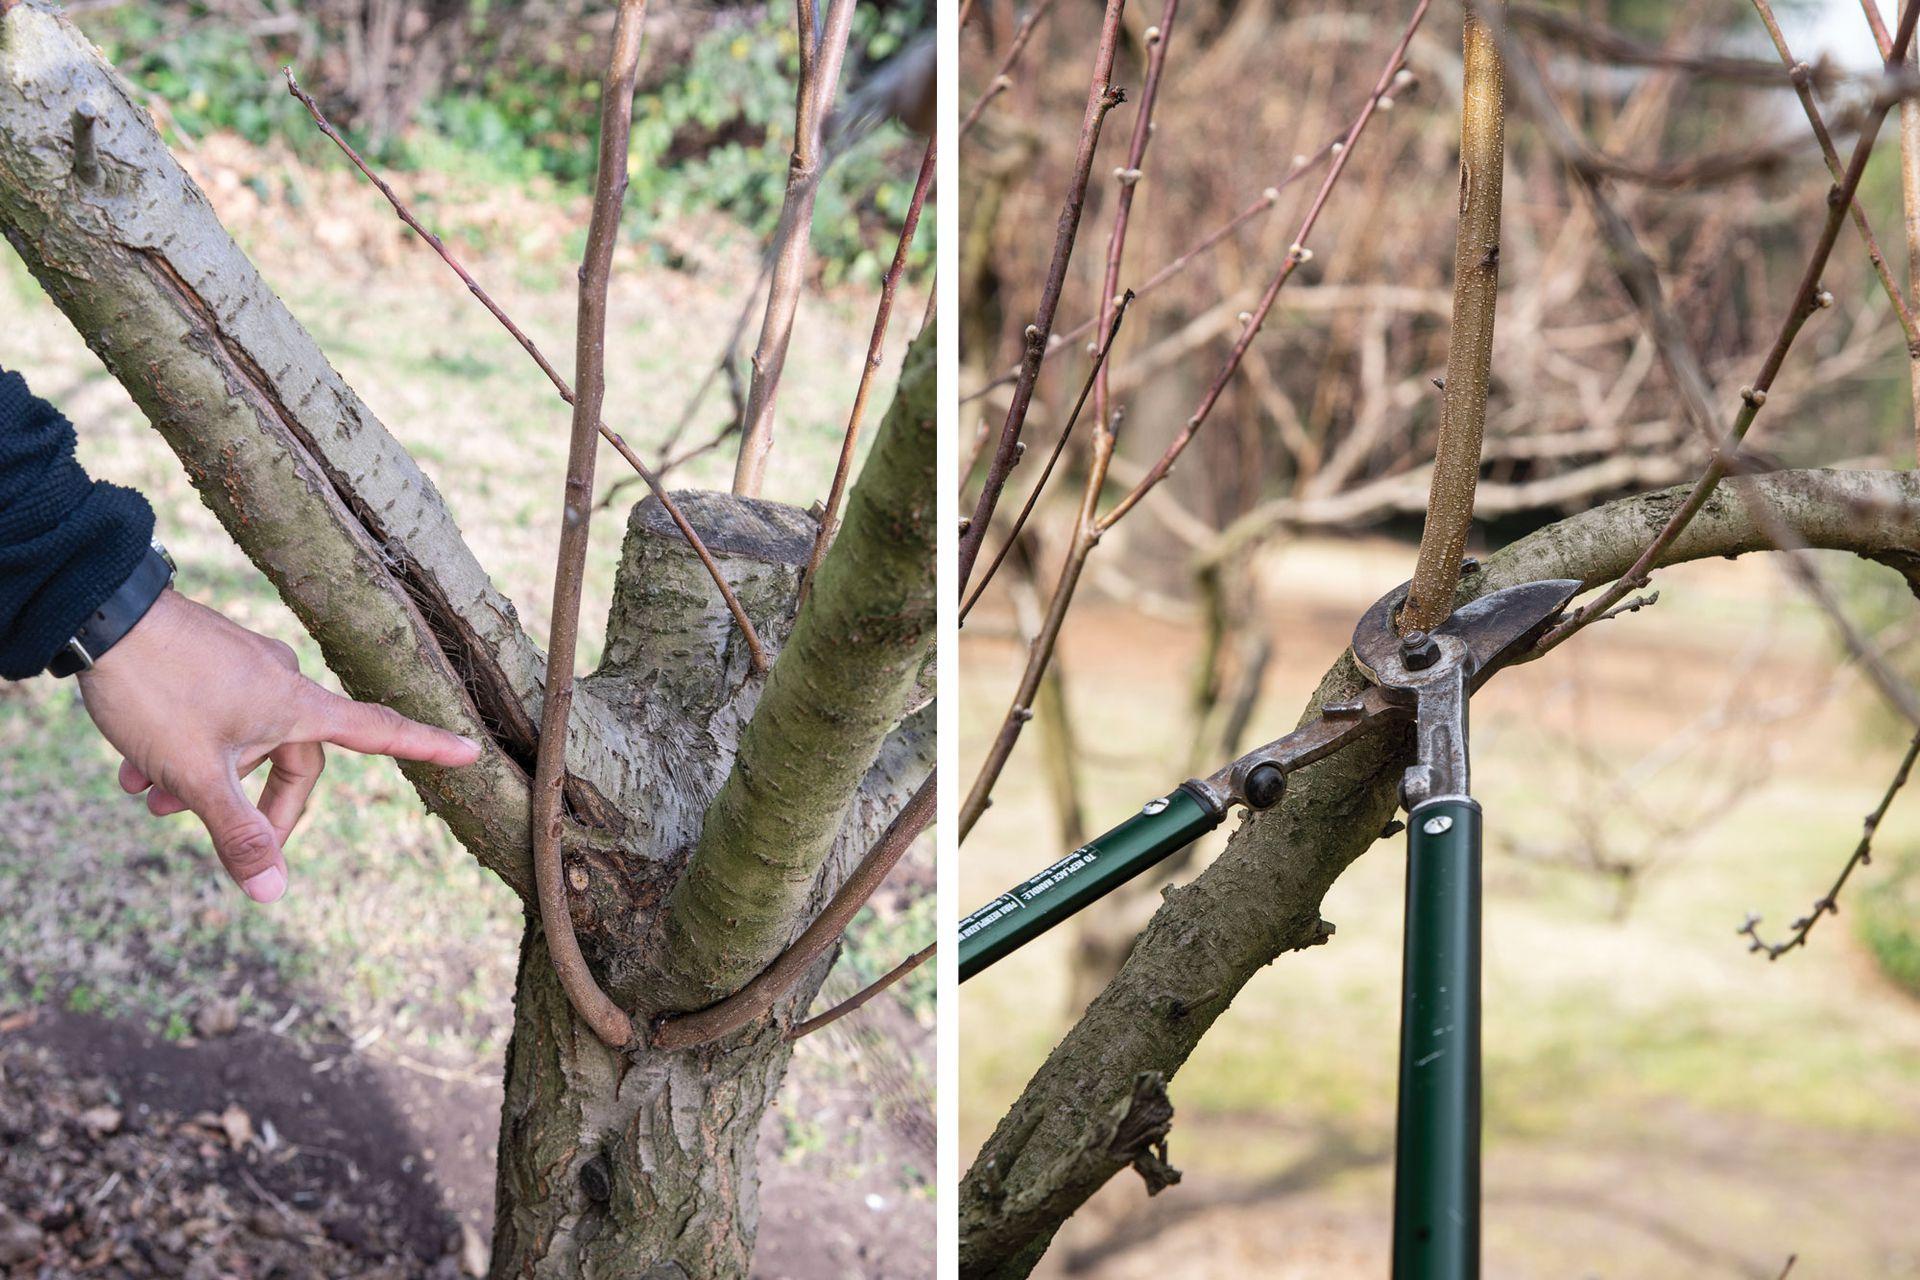 Izquierda: En algunos casos los chupones pueden reemplazar un brazo dañado o quebrado, por eso no siempre hay que eliminarlos. En este caso se dejará el chupón y se sacará la rama vieja. Derecha: aquí sí cortamos el chupón, ya que tenemos ramas fructíferas alrededor.